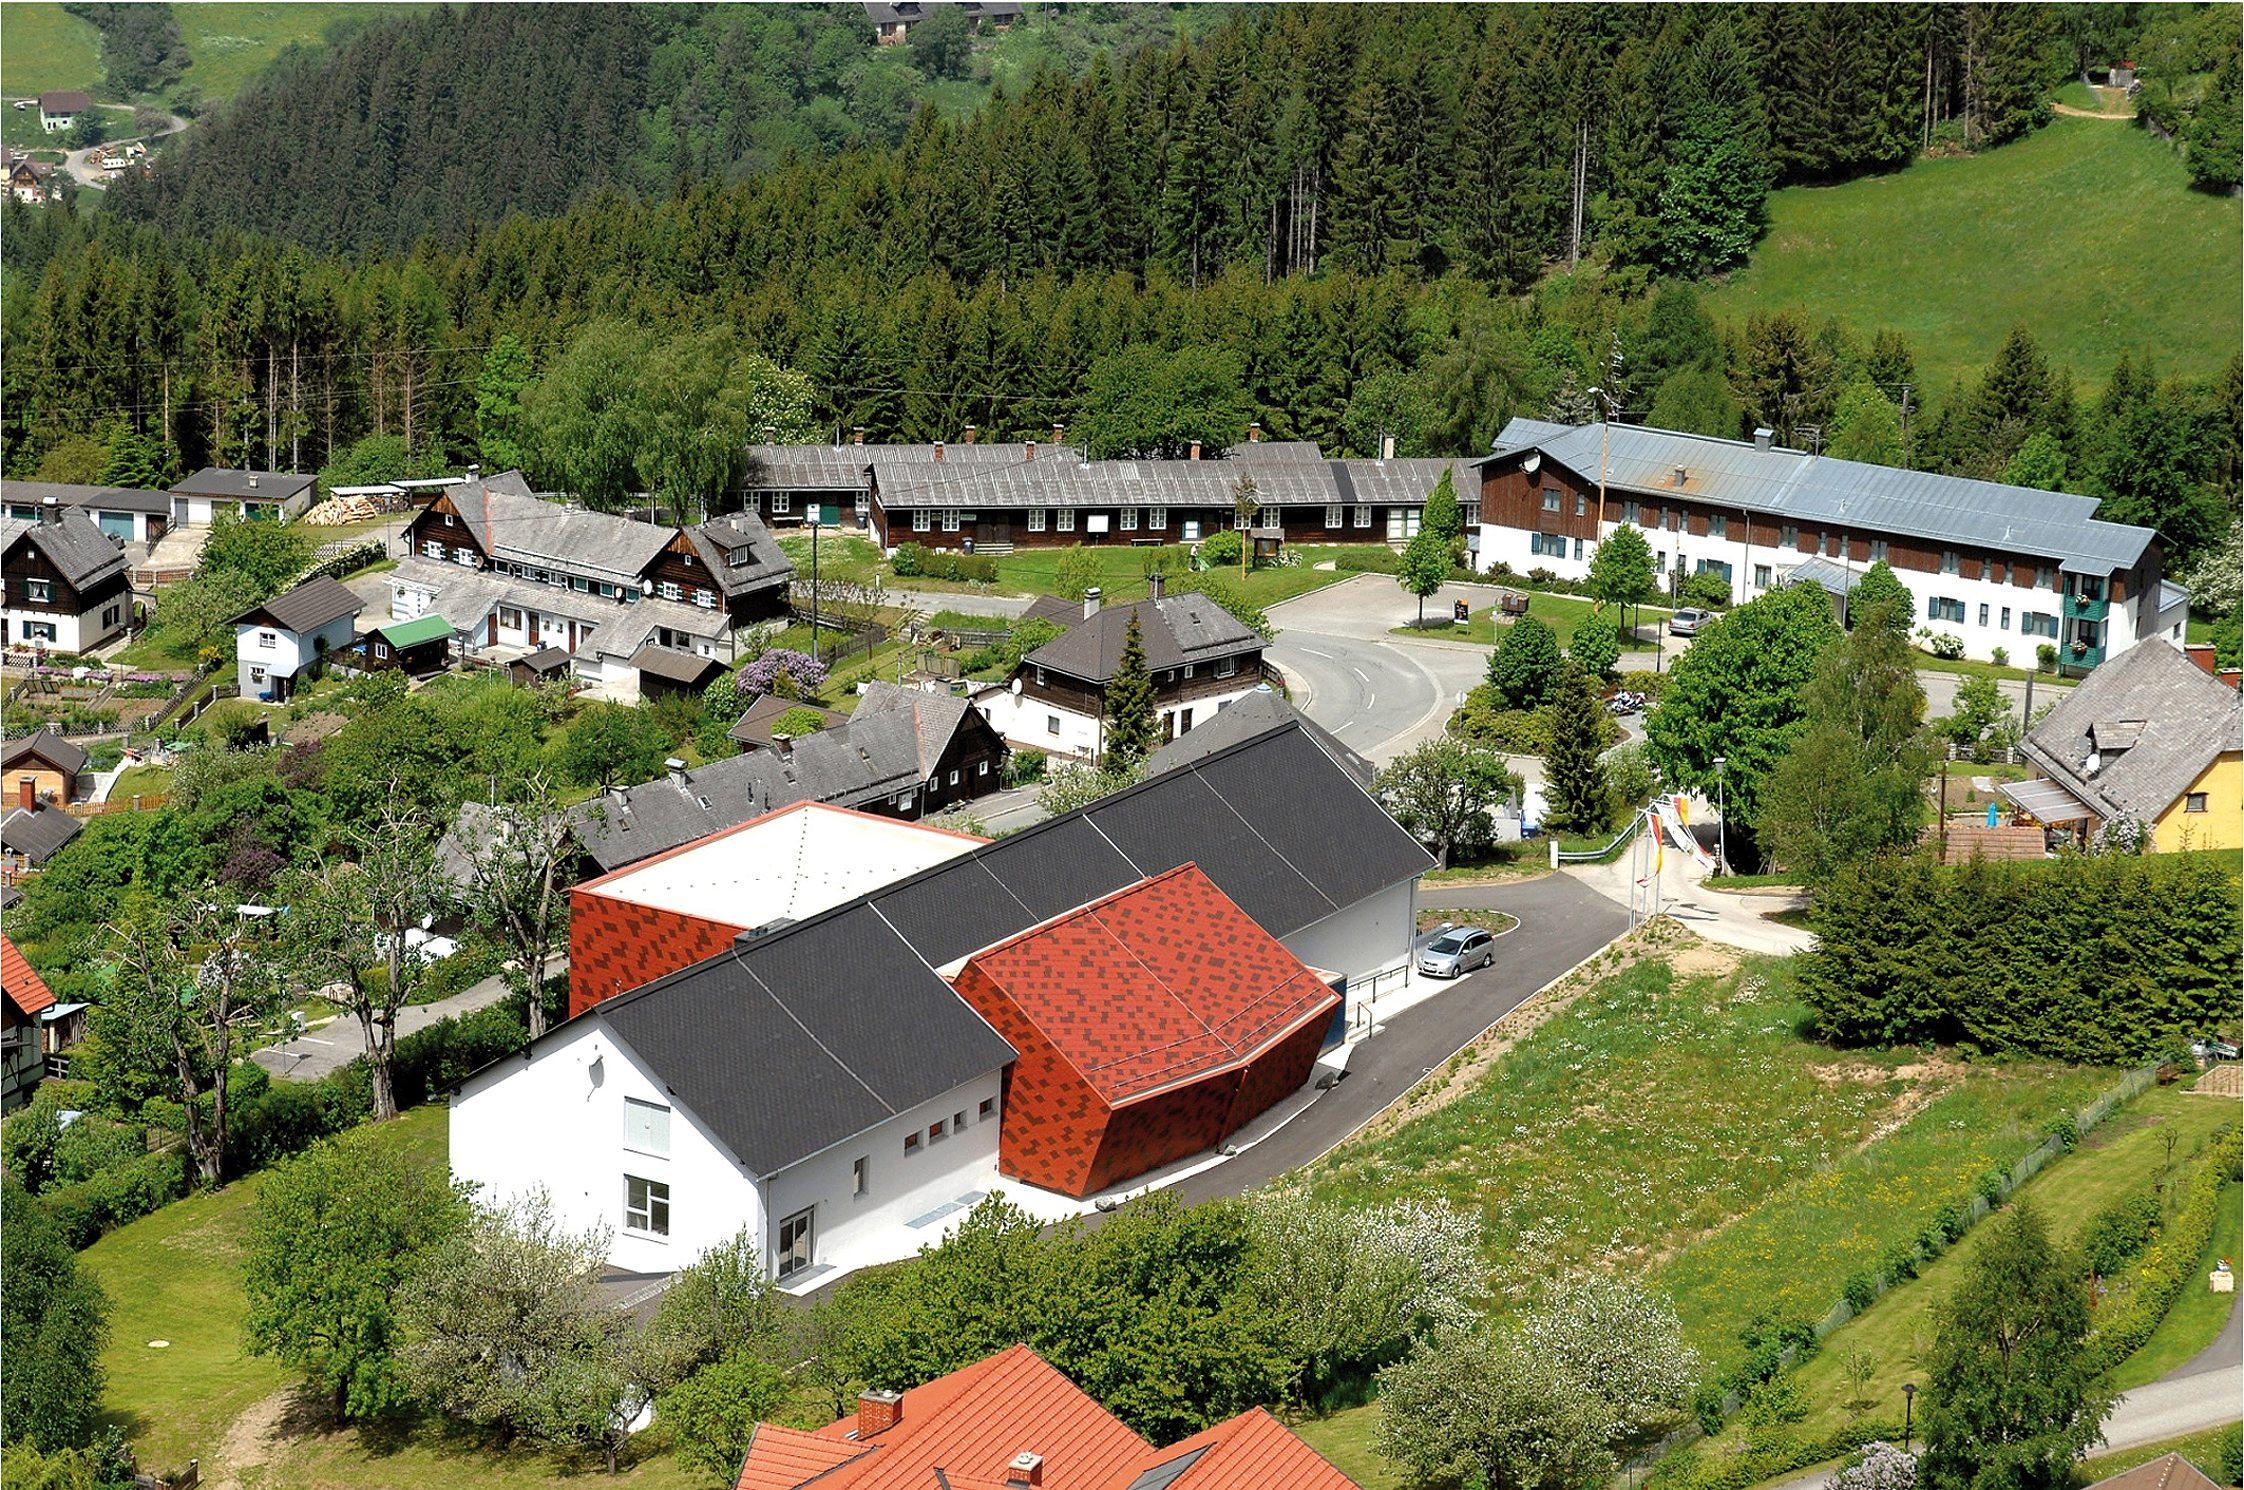 Sie sehen das Musikzentrum Knappenberg aus der Vogelperspektive. JUFA Hotels bietet den idealen Platz zum Musizieren und Singen in der Gemeinschaft in abwechslungsreichen Regionen.